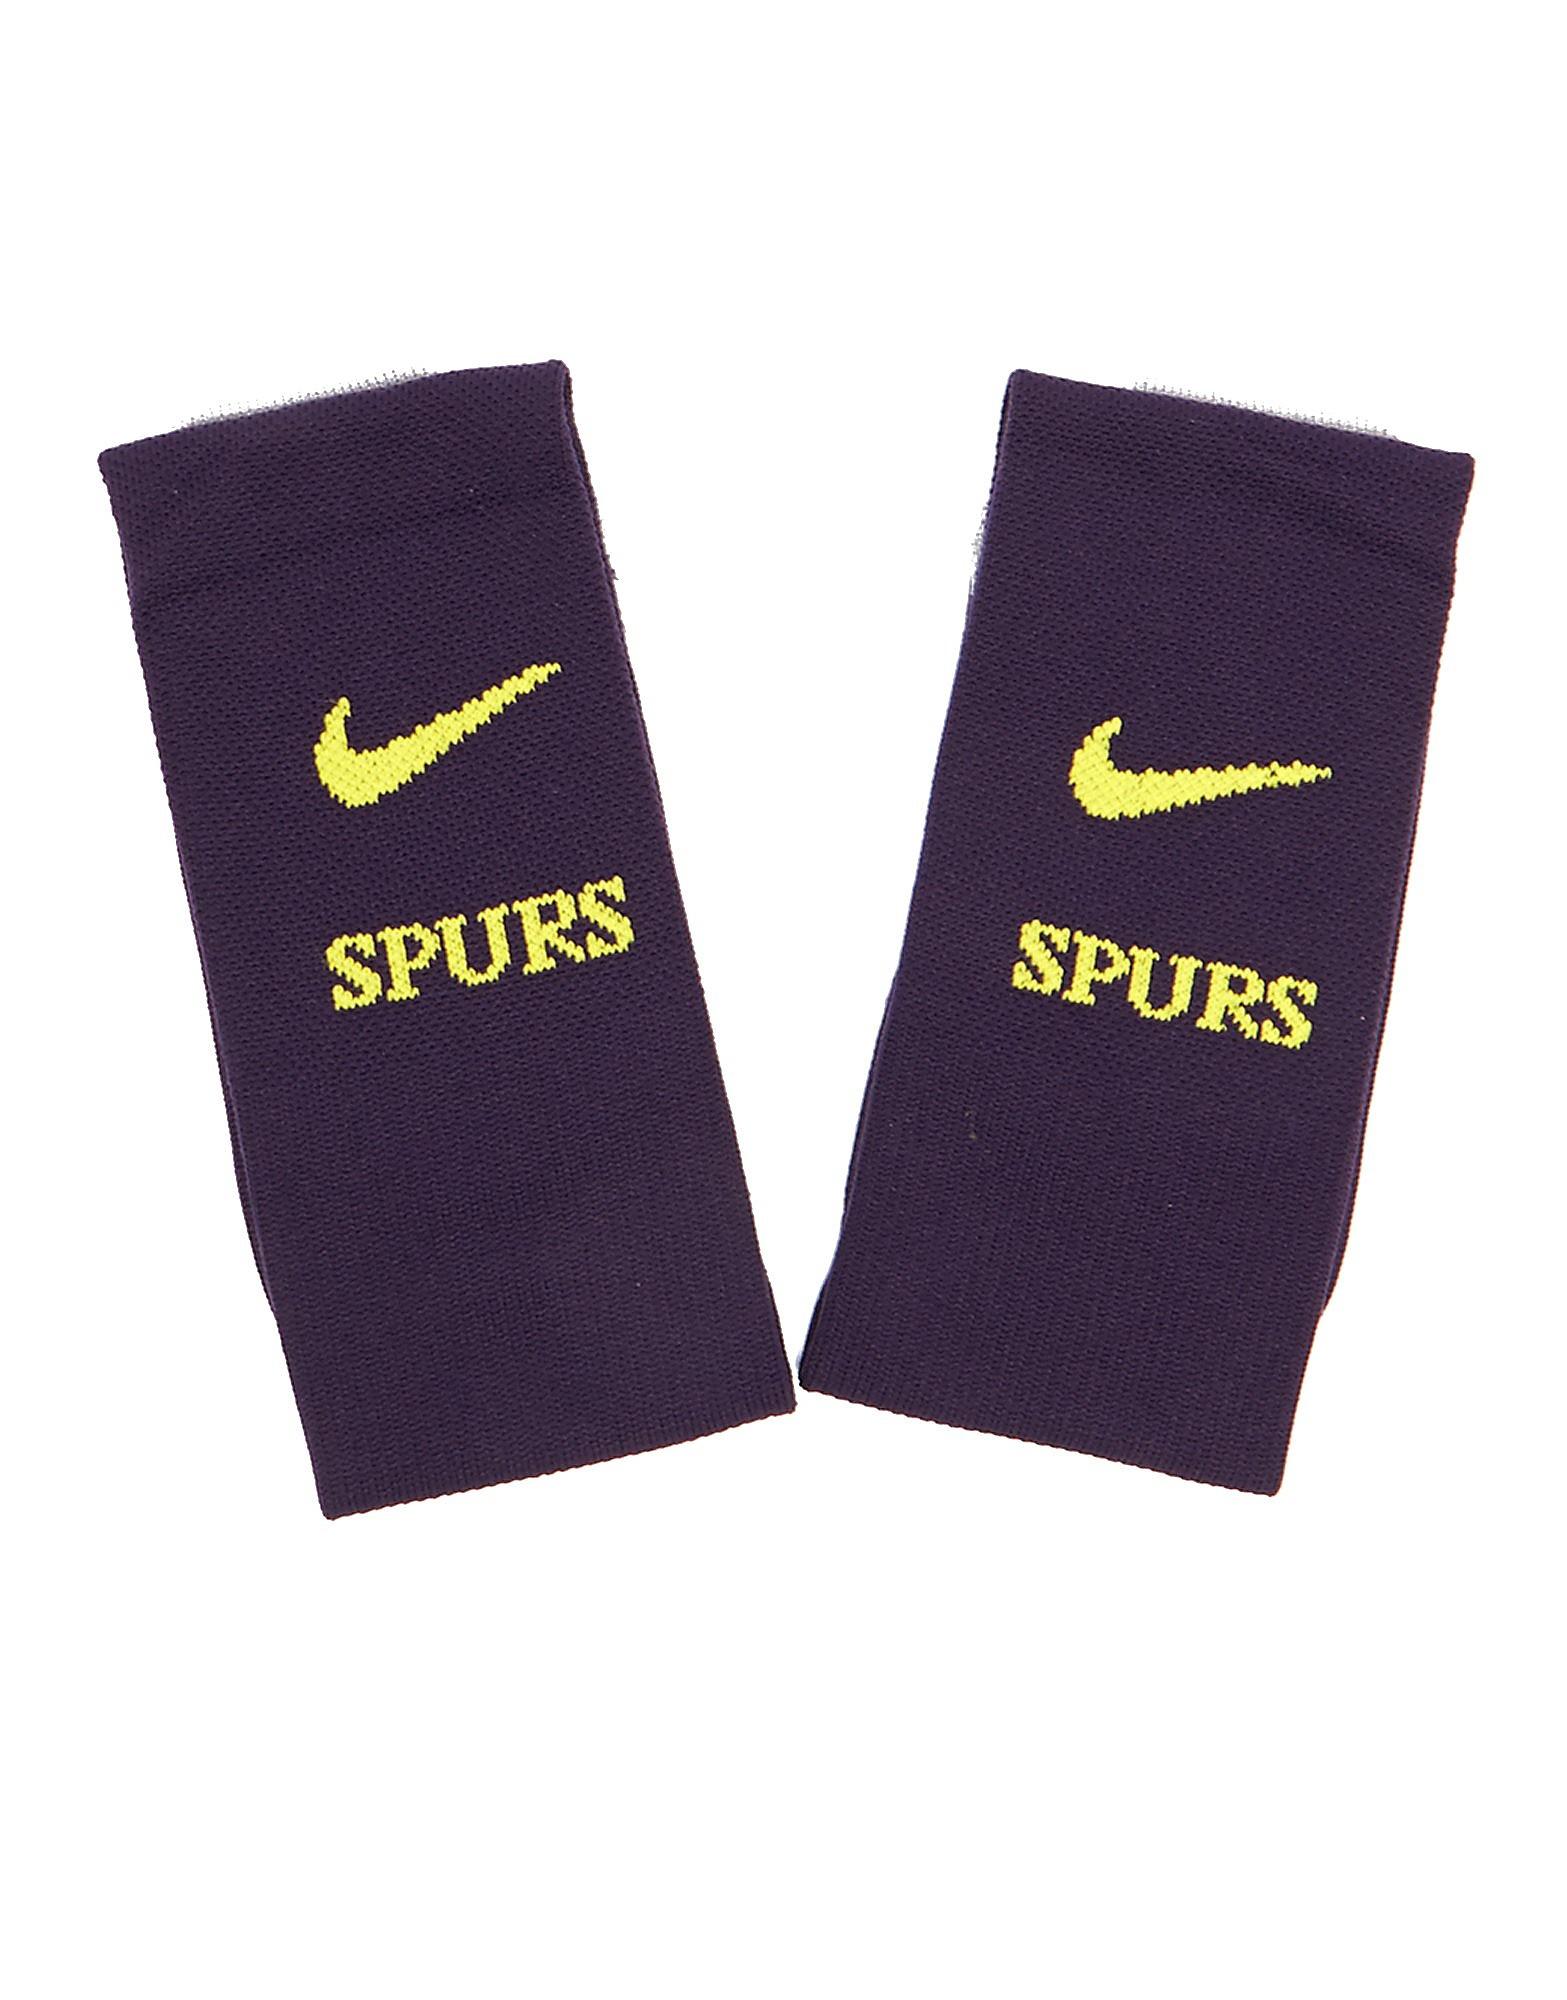 Nike Tottenham Hotspur FC 2017/18 Third Socks